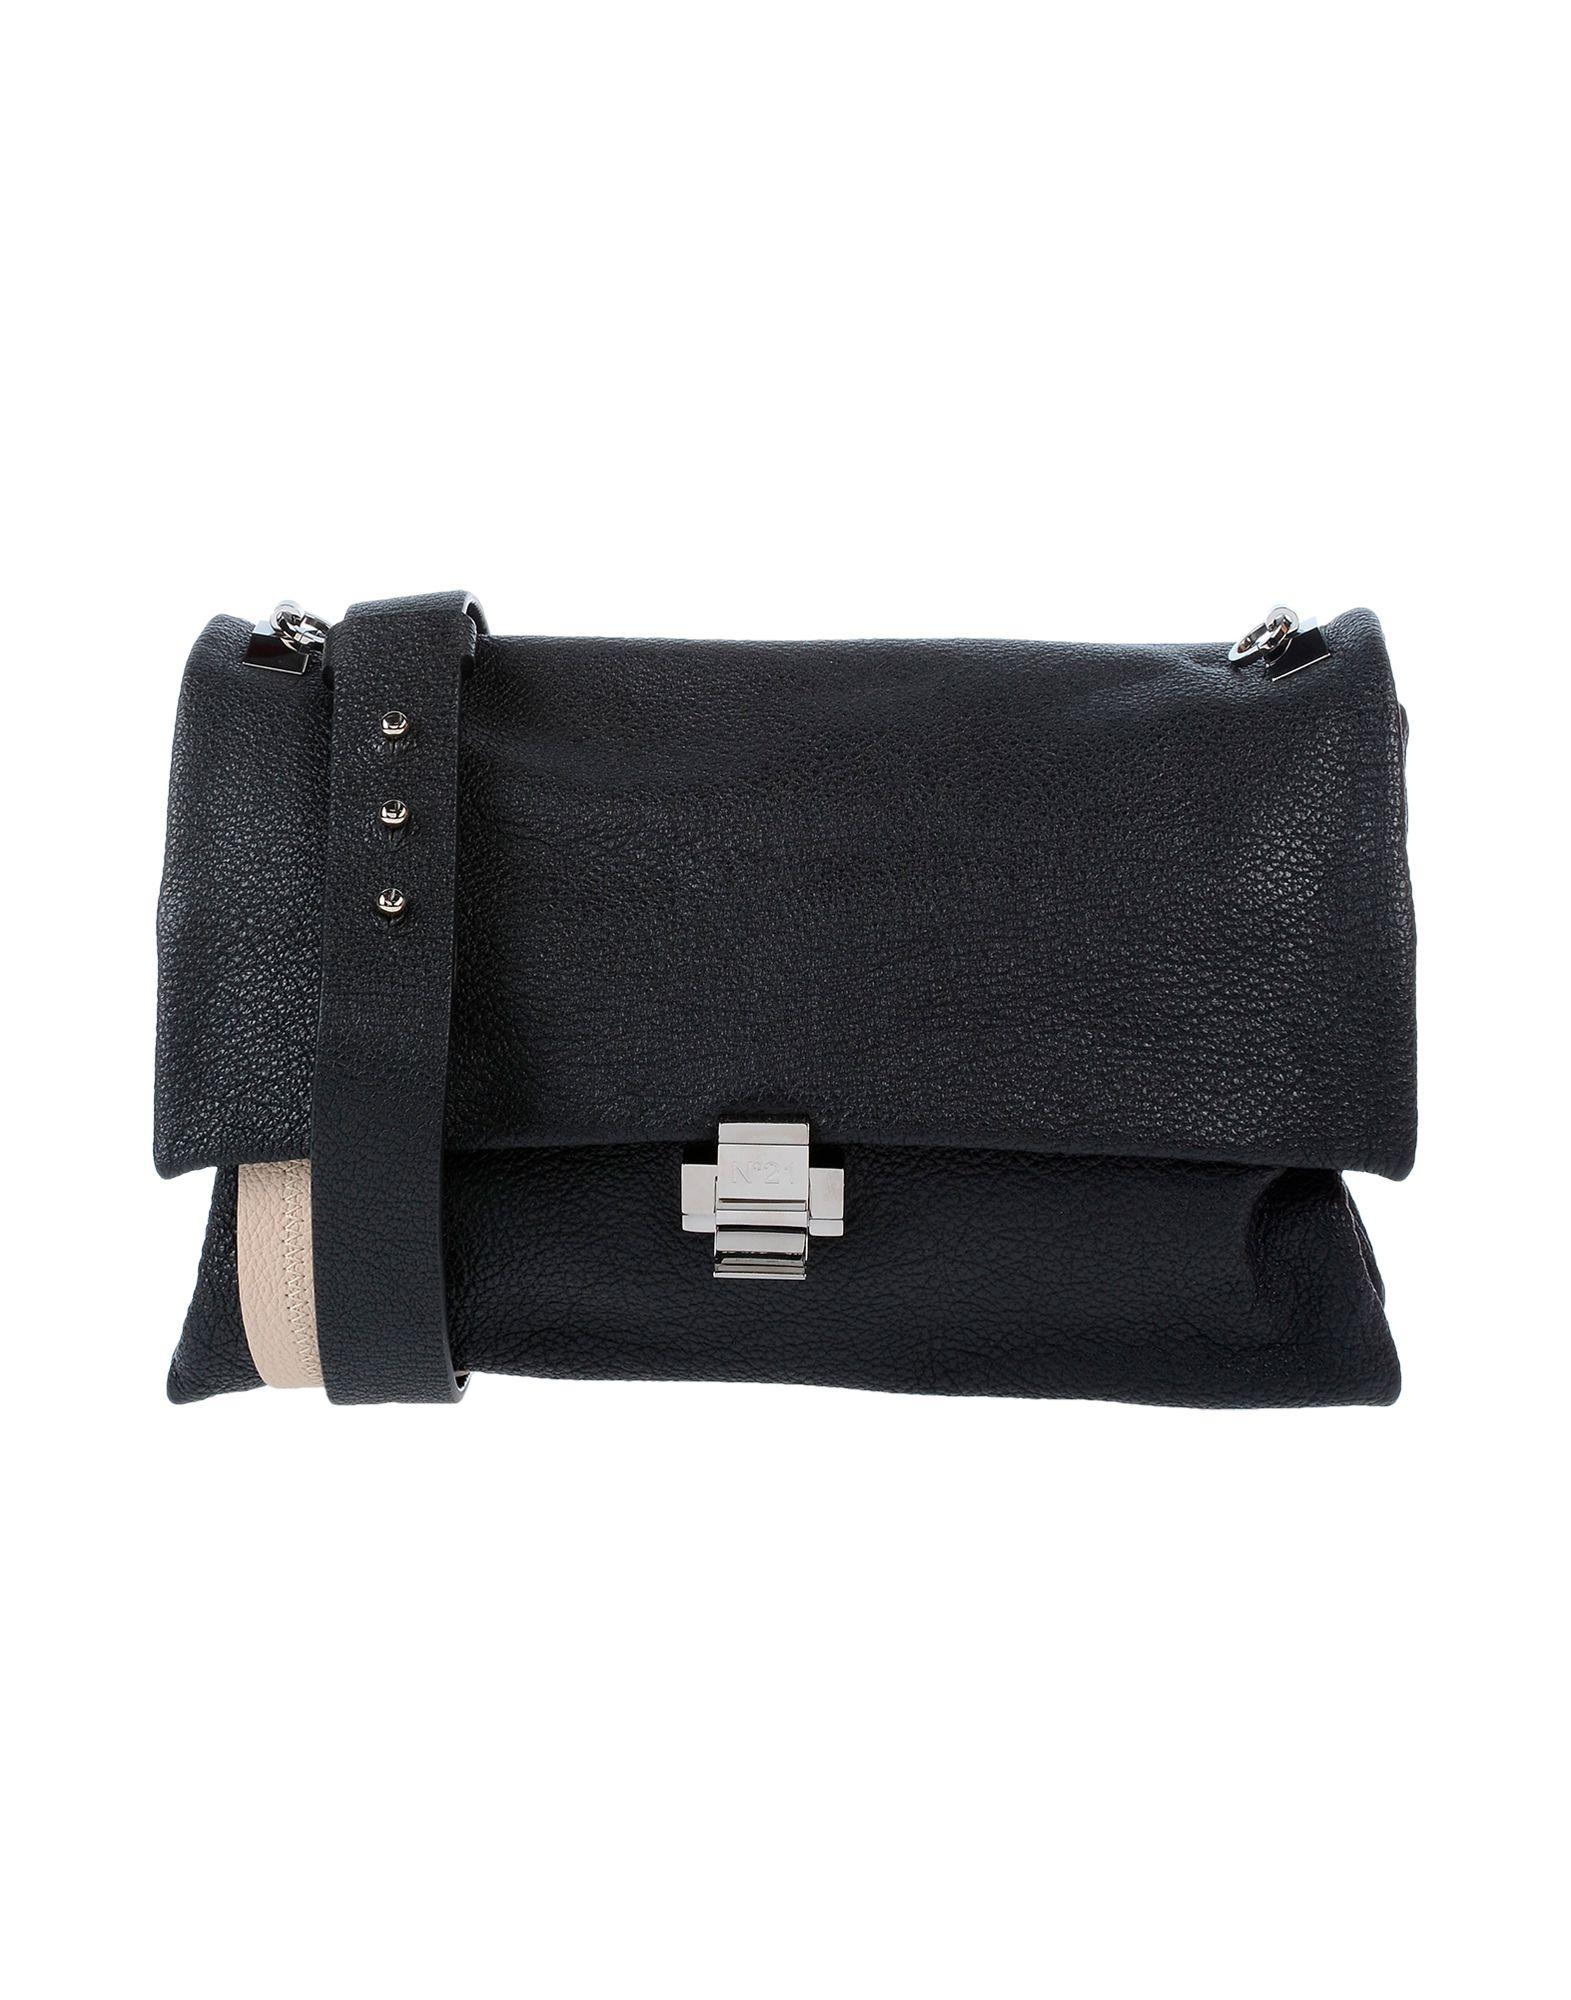 《送料無料》N°21 レディース ハンドバッグ ブラック 革